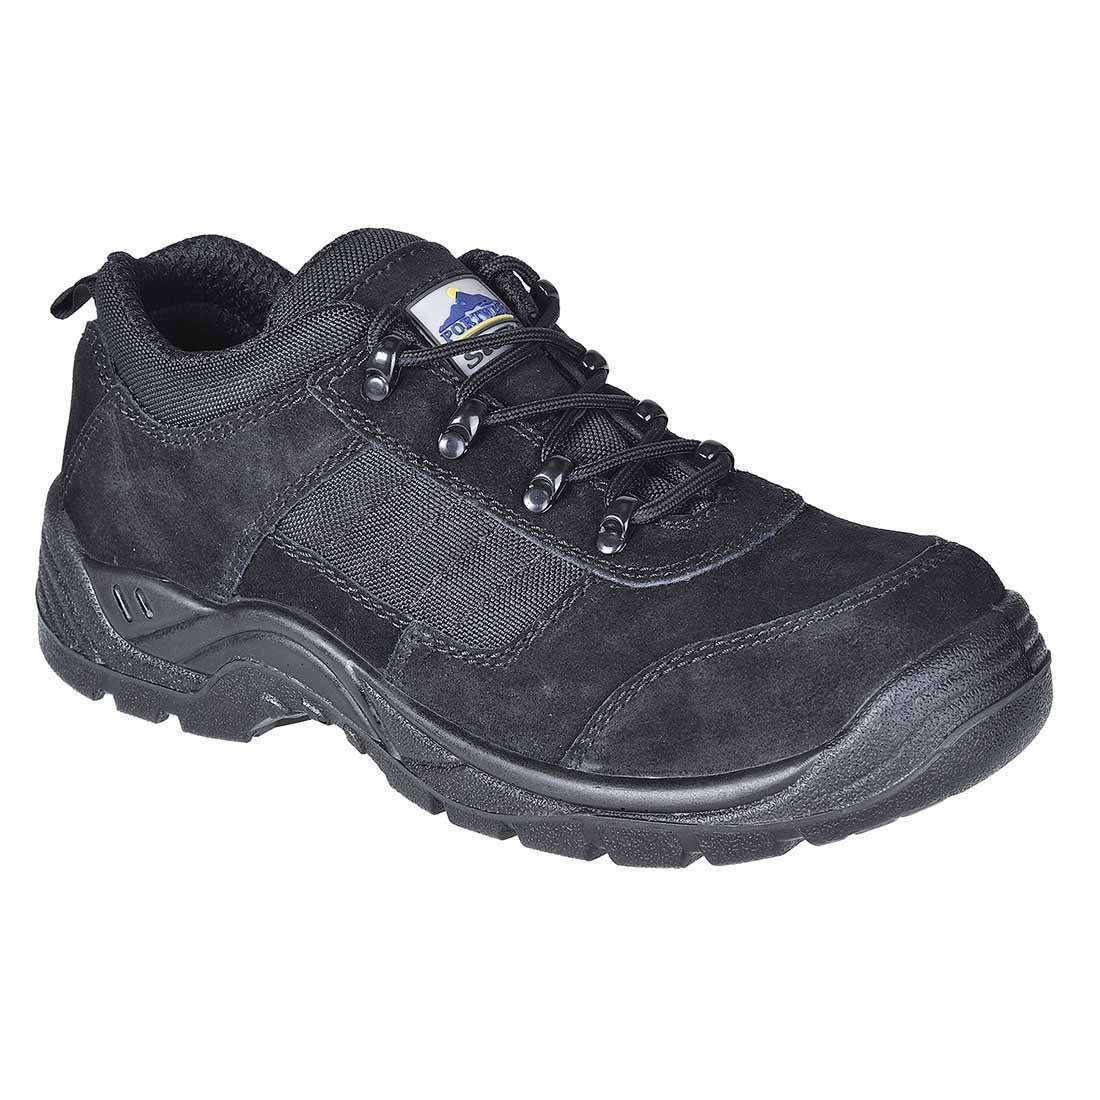 Portwest FT64 – Steelite Trouper S1P noir Chaussure 36/3, S1P Steelite 36, noir noir b5acbb4 - latesttechnology.space